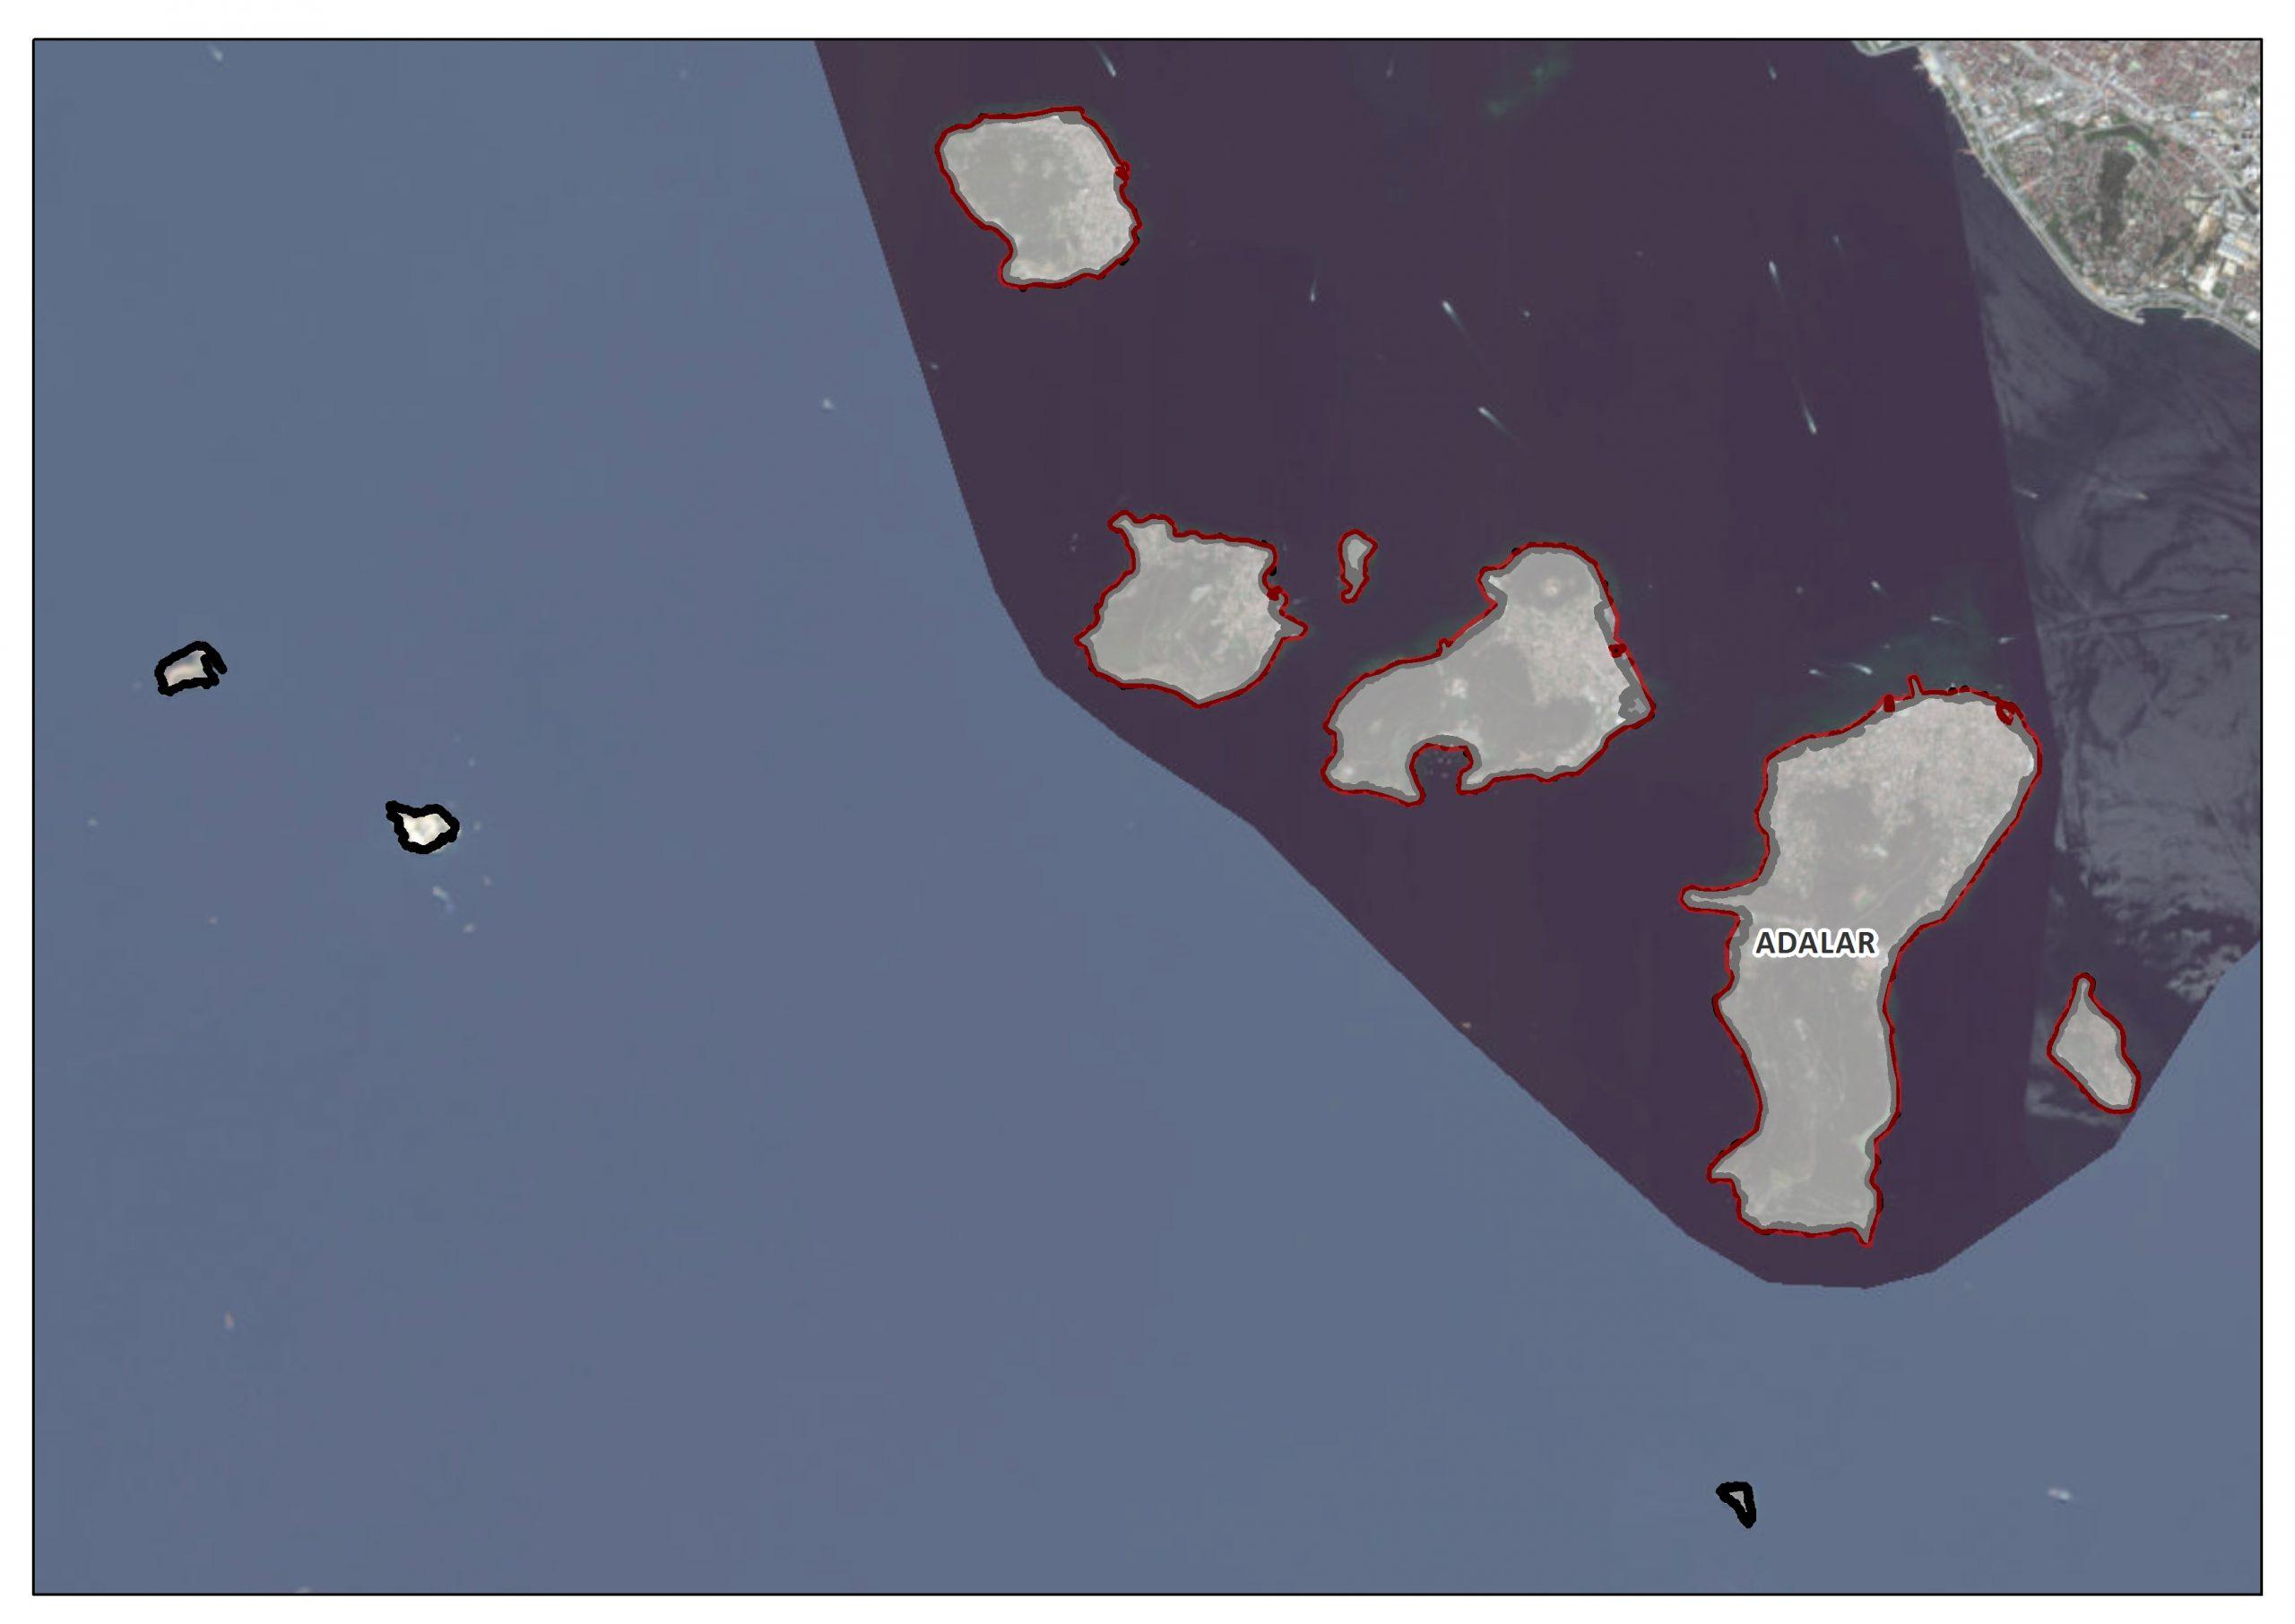 Adalar İlçesi Taslak Strateji Belgesi ve Koruma Amaçlı Nazım İmar Planı